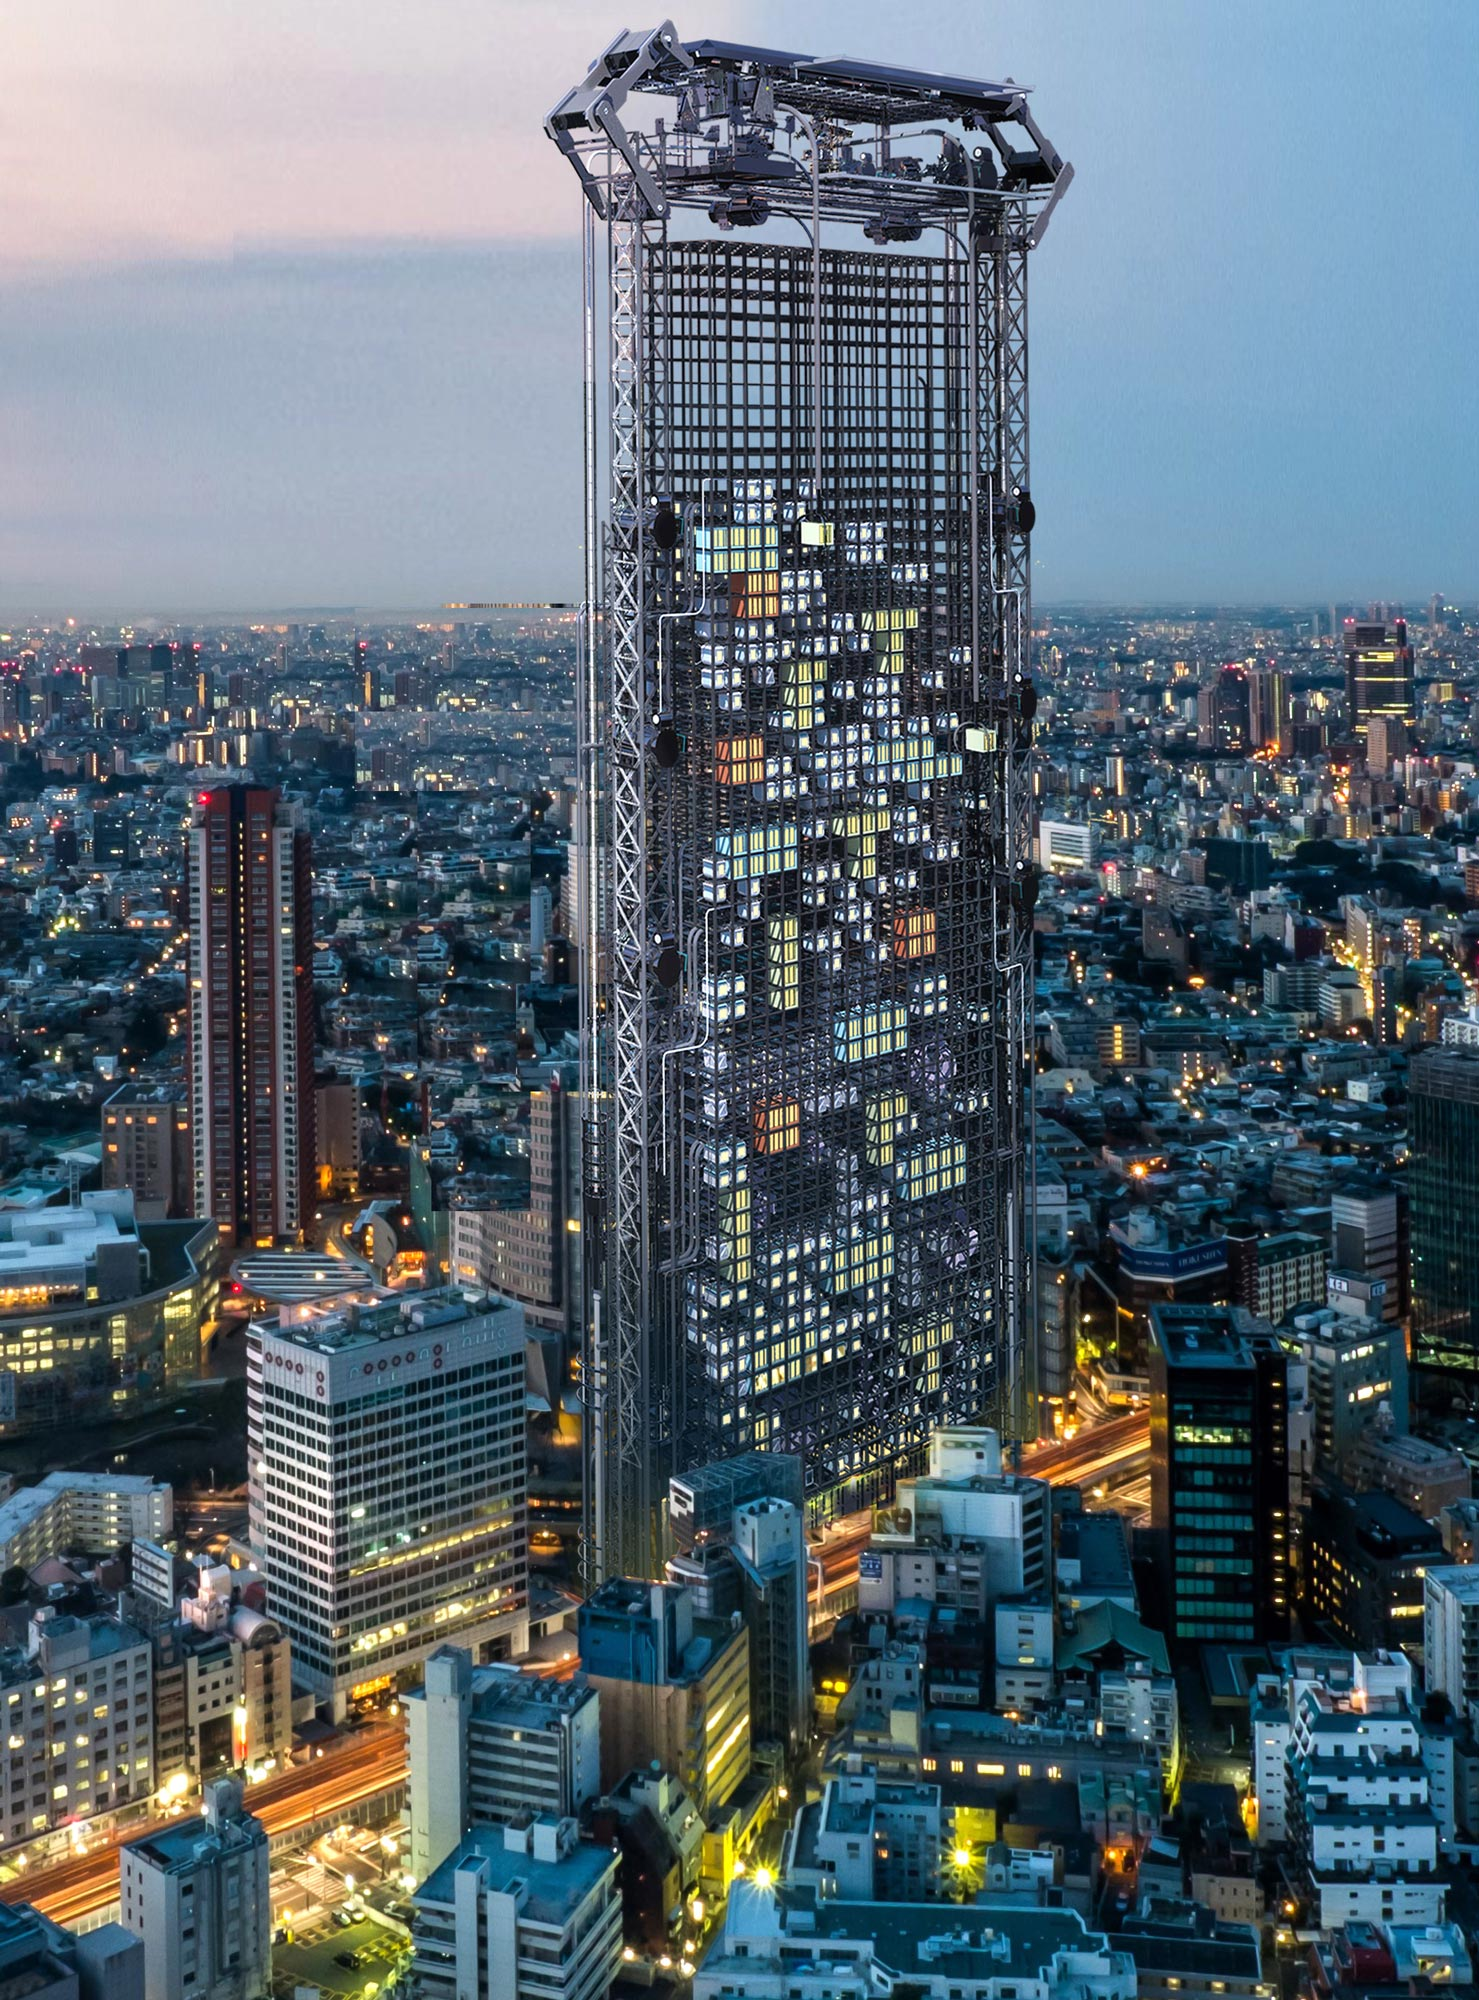 Architektonische Konzepte und Ideen mit neuen Perspektiven